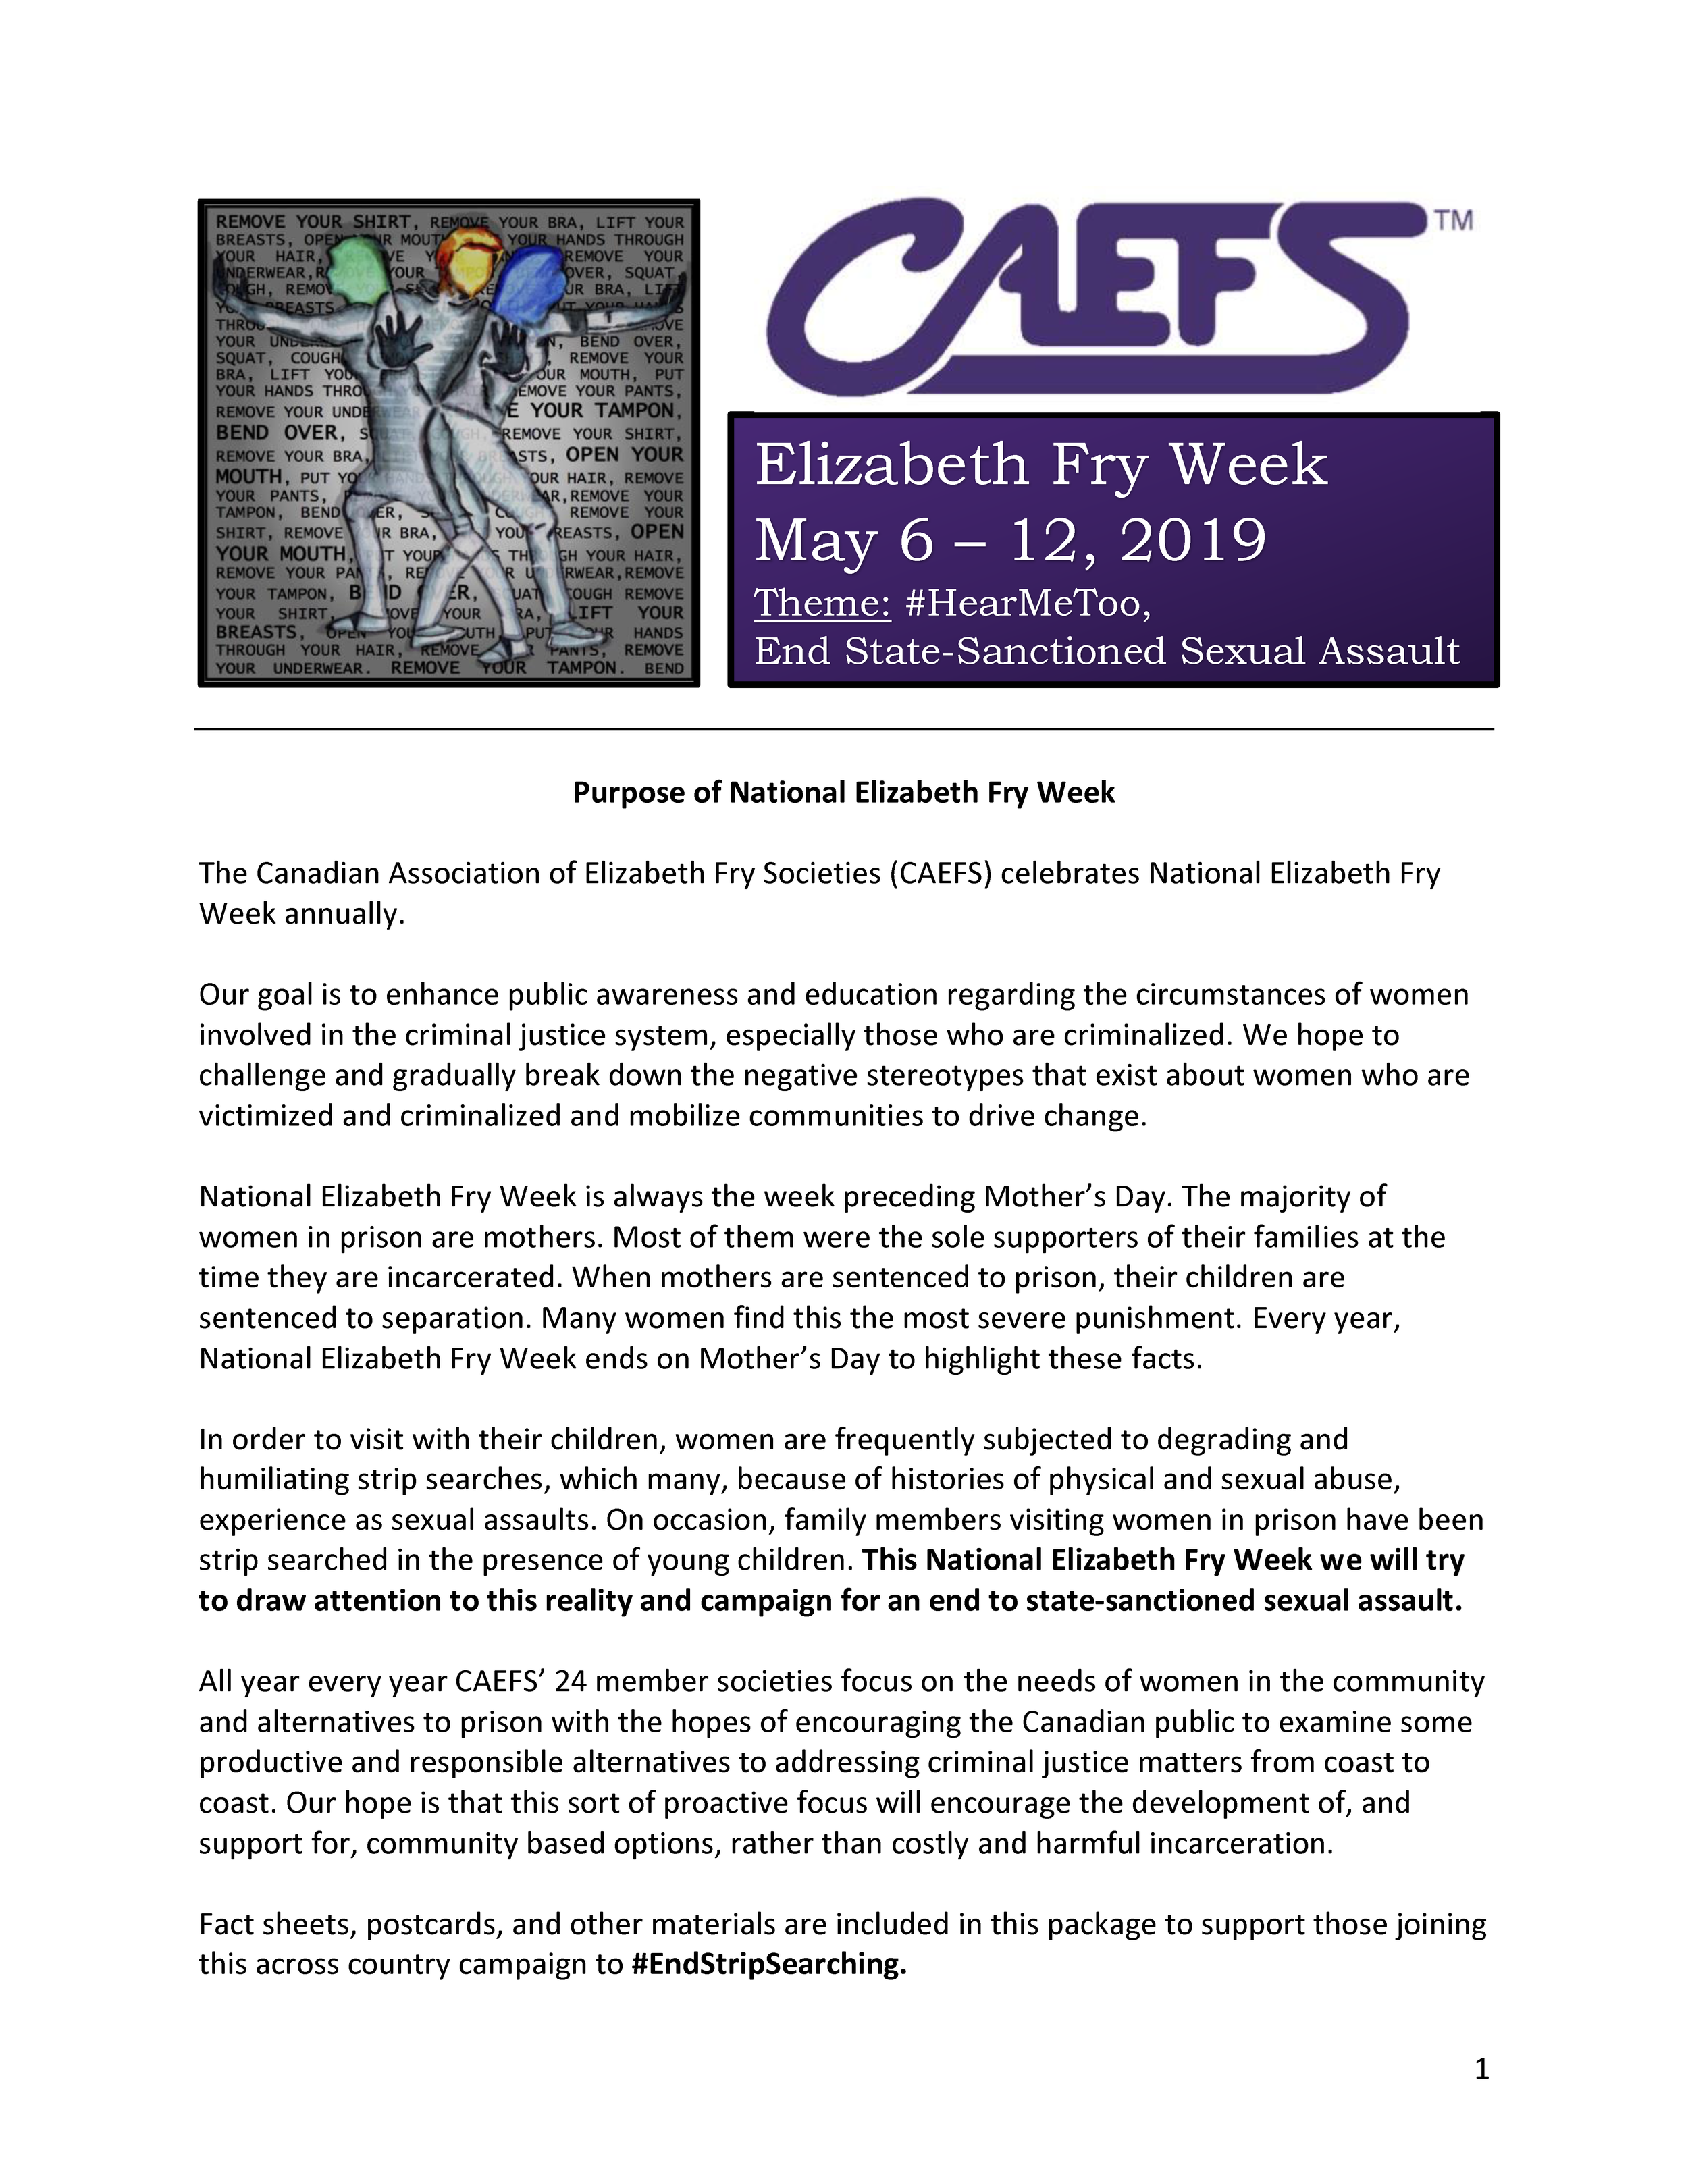 CAEFS Elizabeth Fry Week May 6-12/19